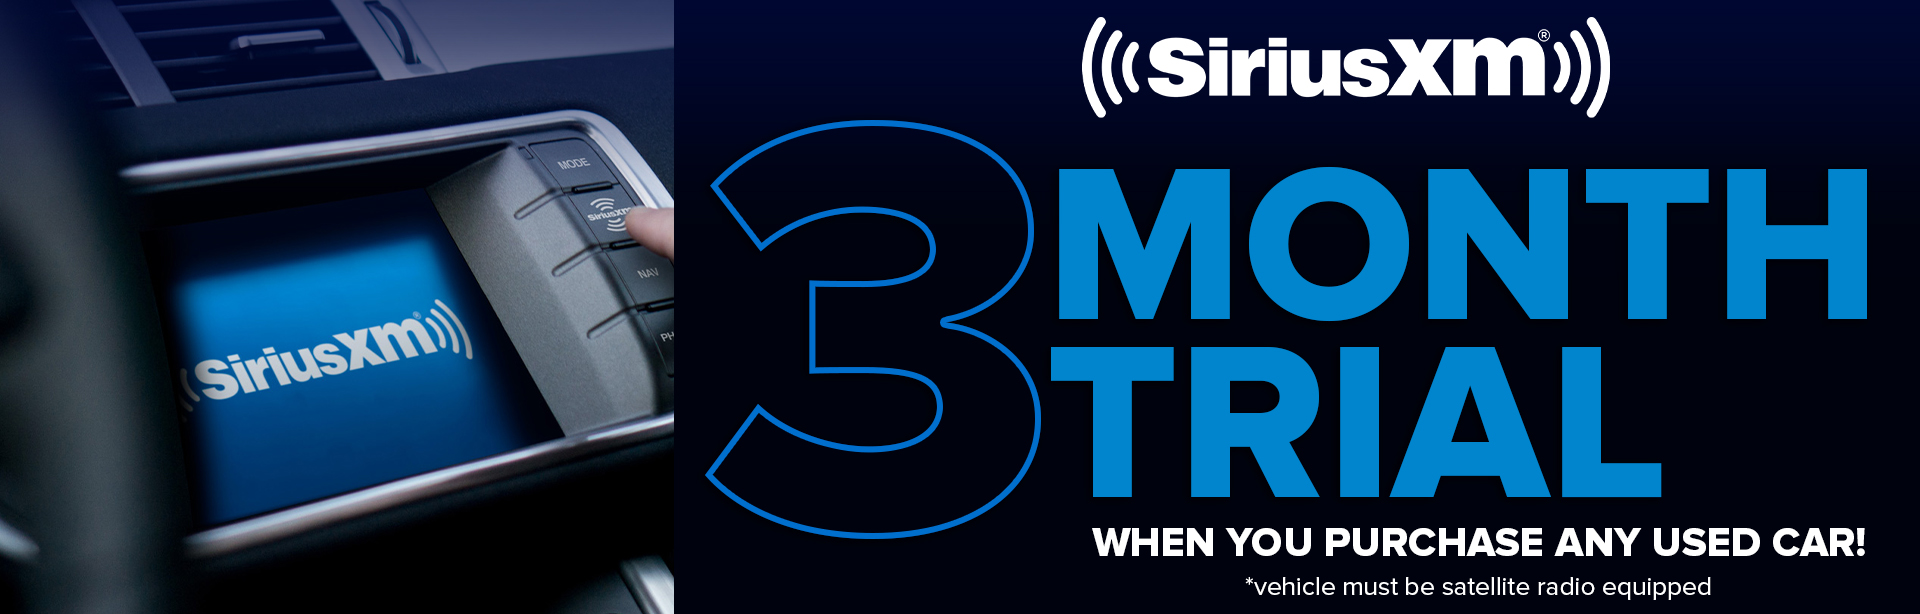 Sirius XM 3Month Trial